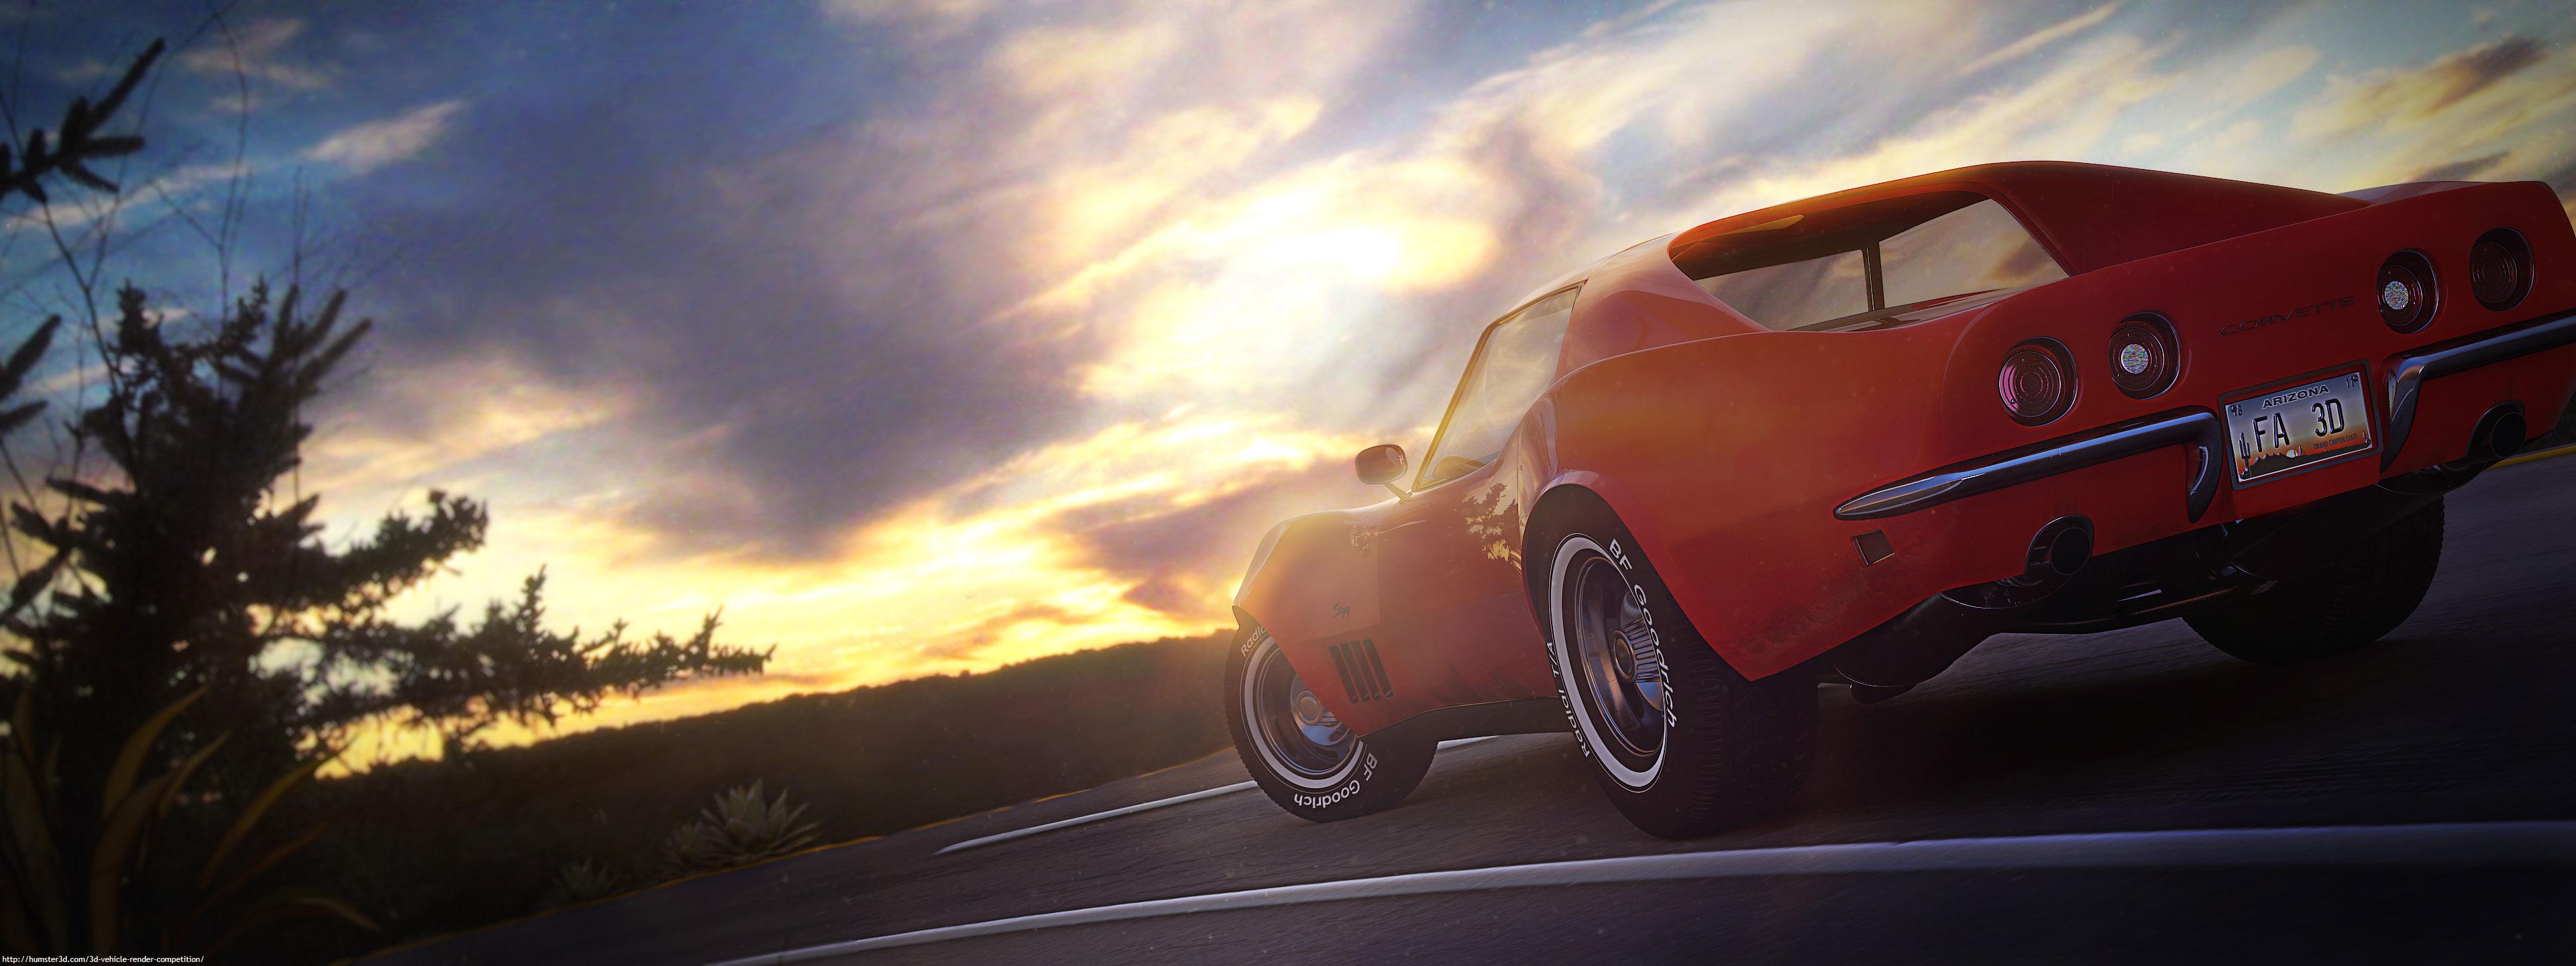 Chevrolet Corvette C3 3d art